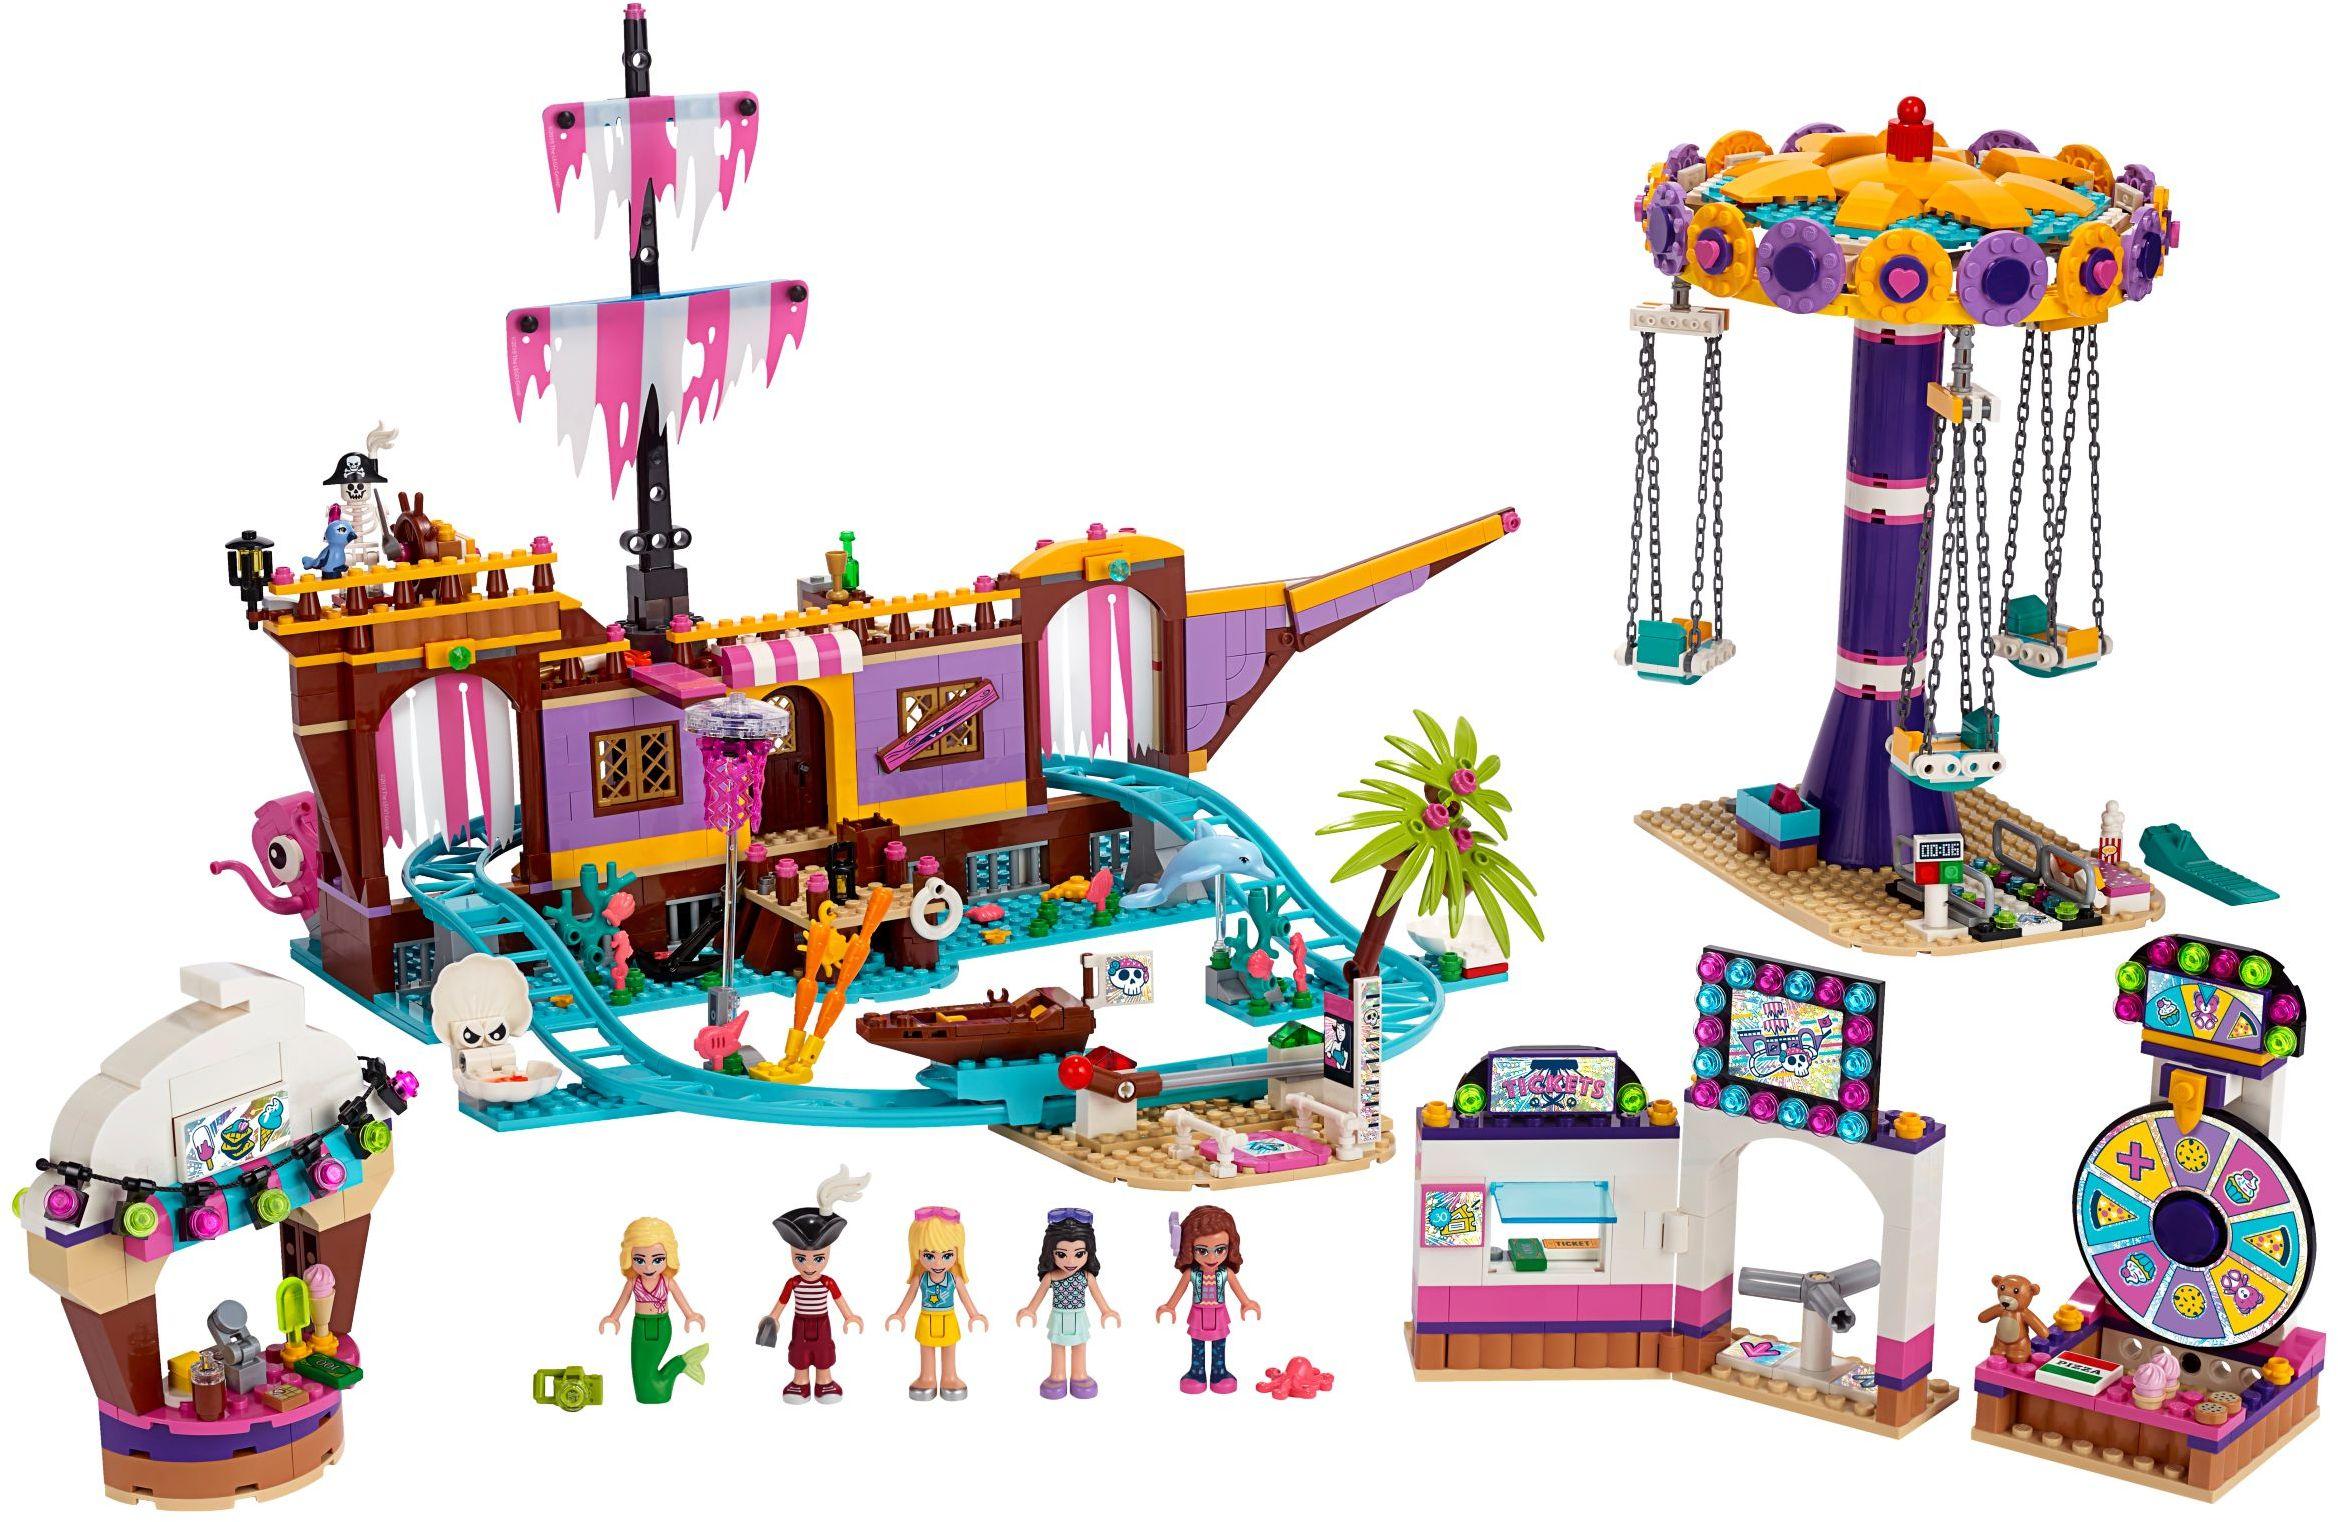 Summer Friends sets images | Brickset: LEGO set guide and